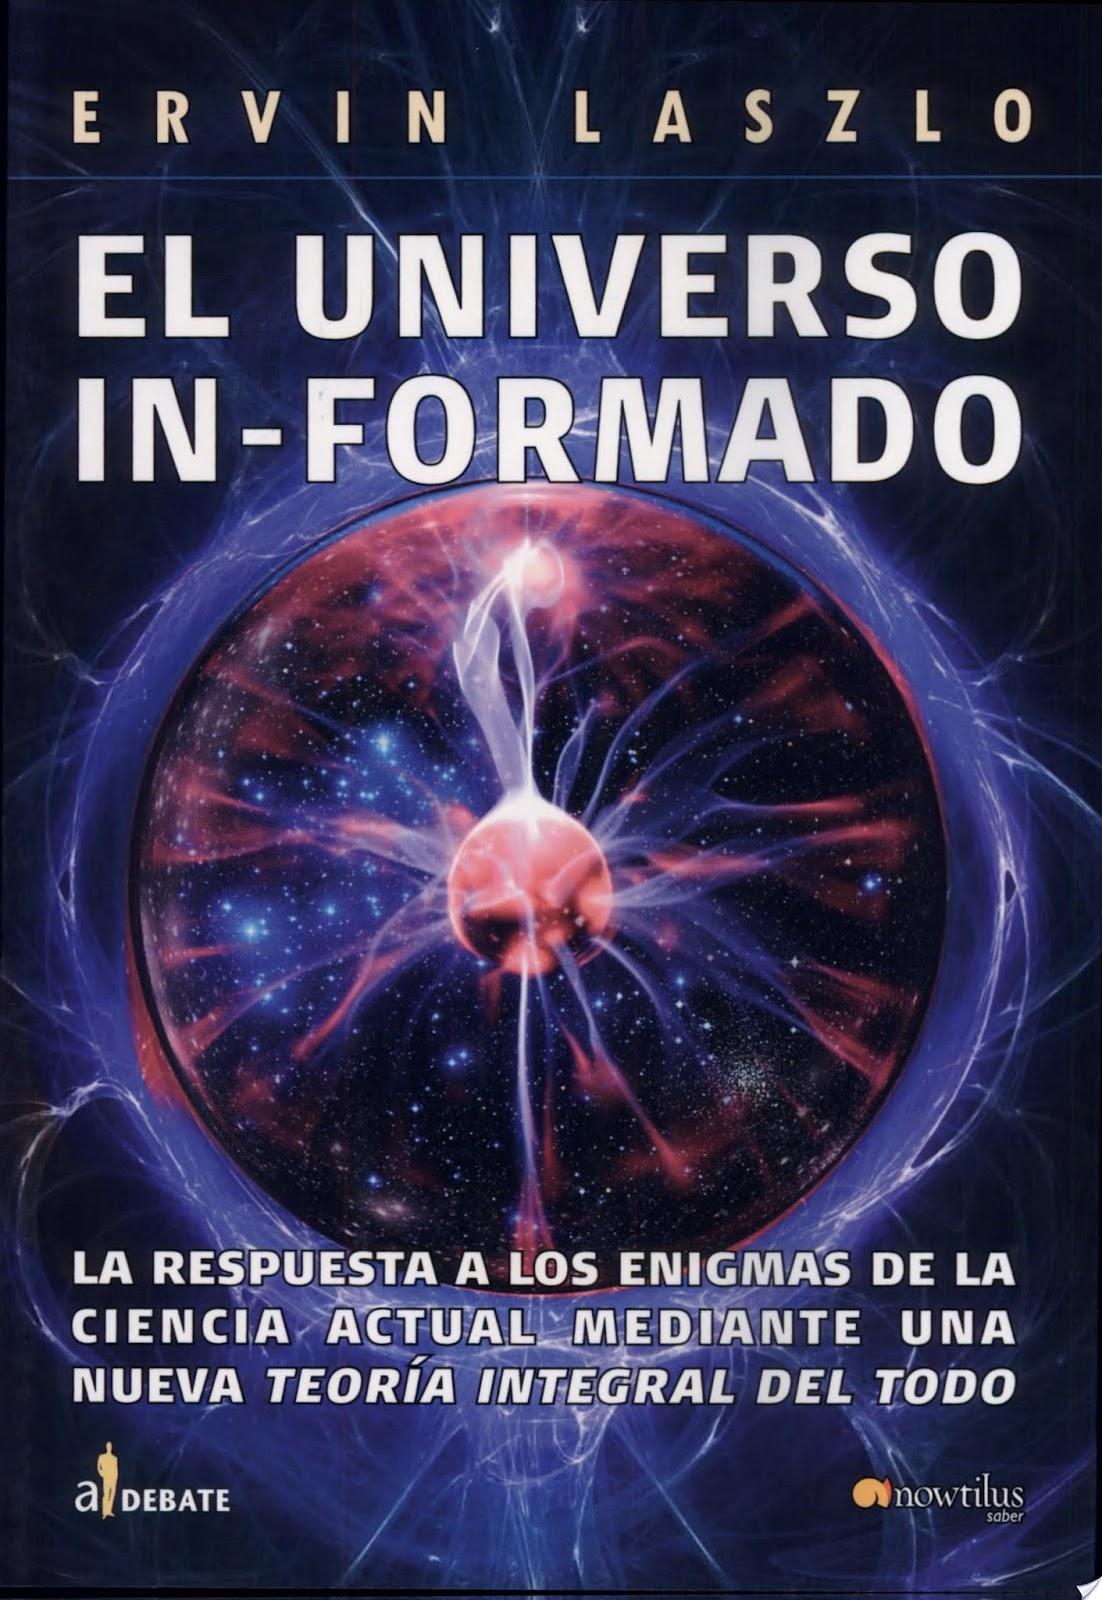 El universo Informado – Ervin Laszlo